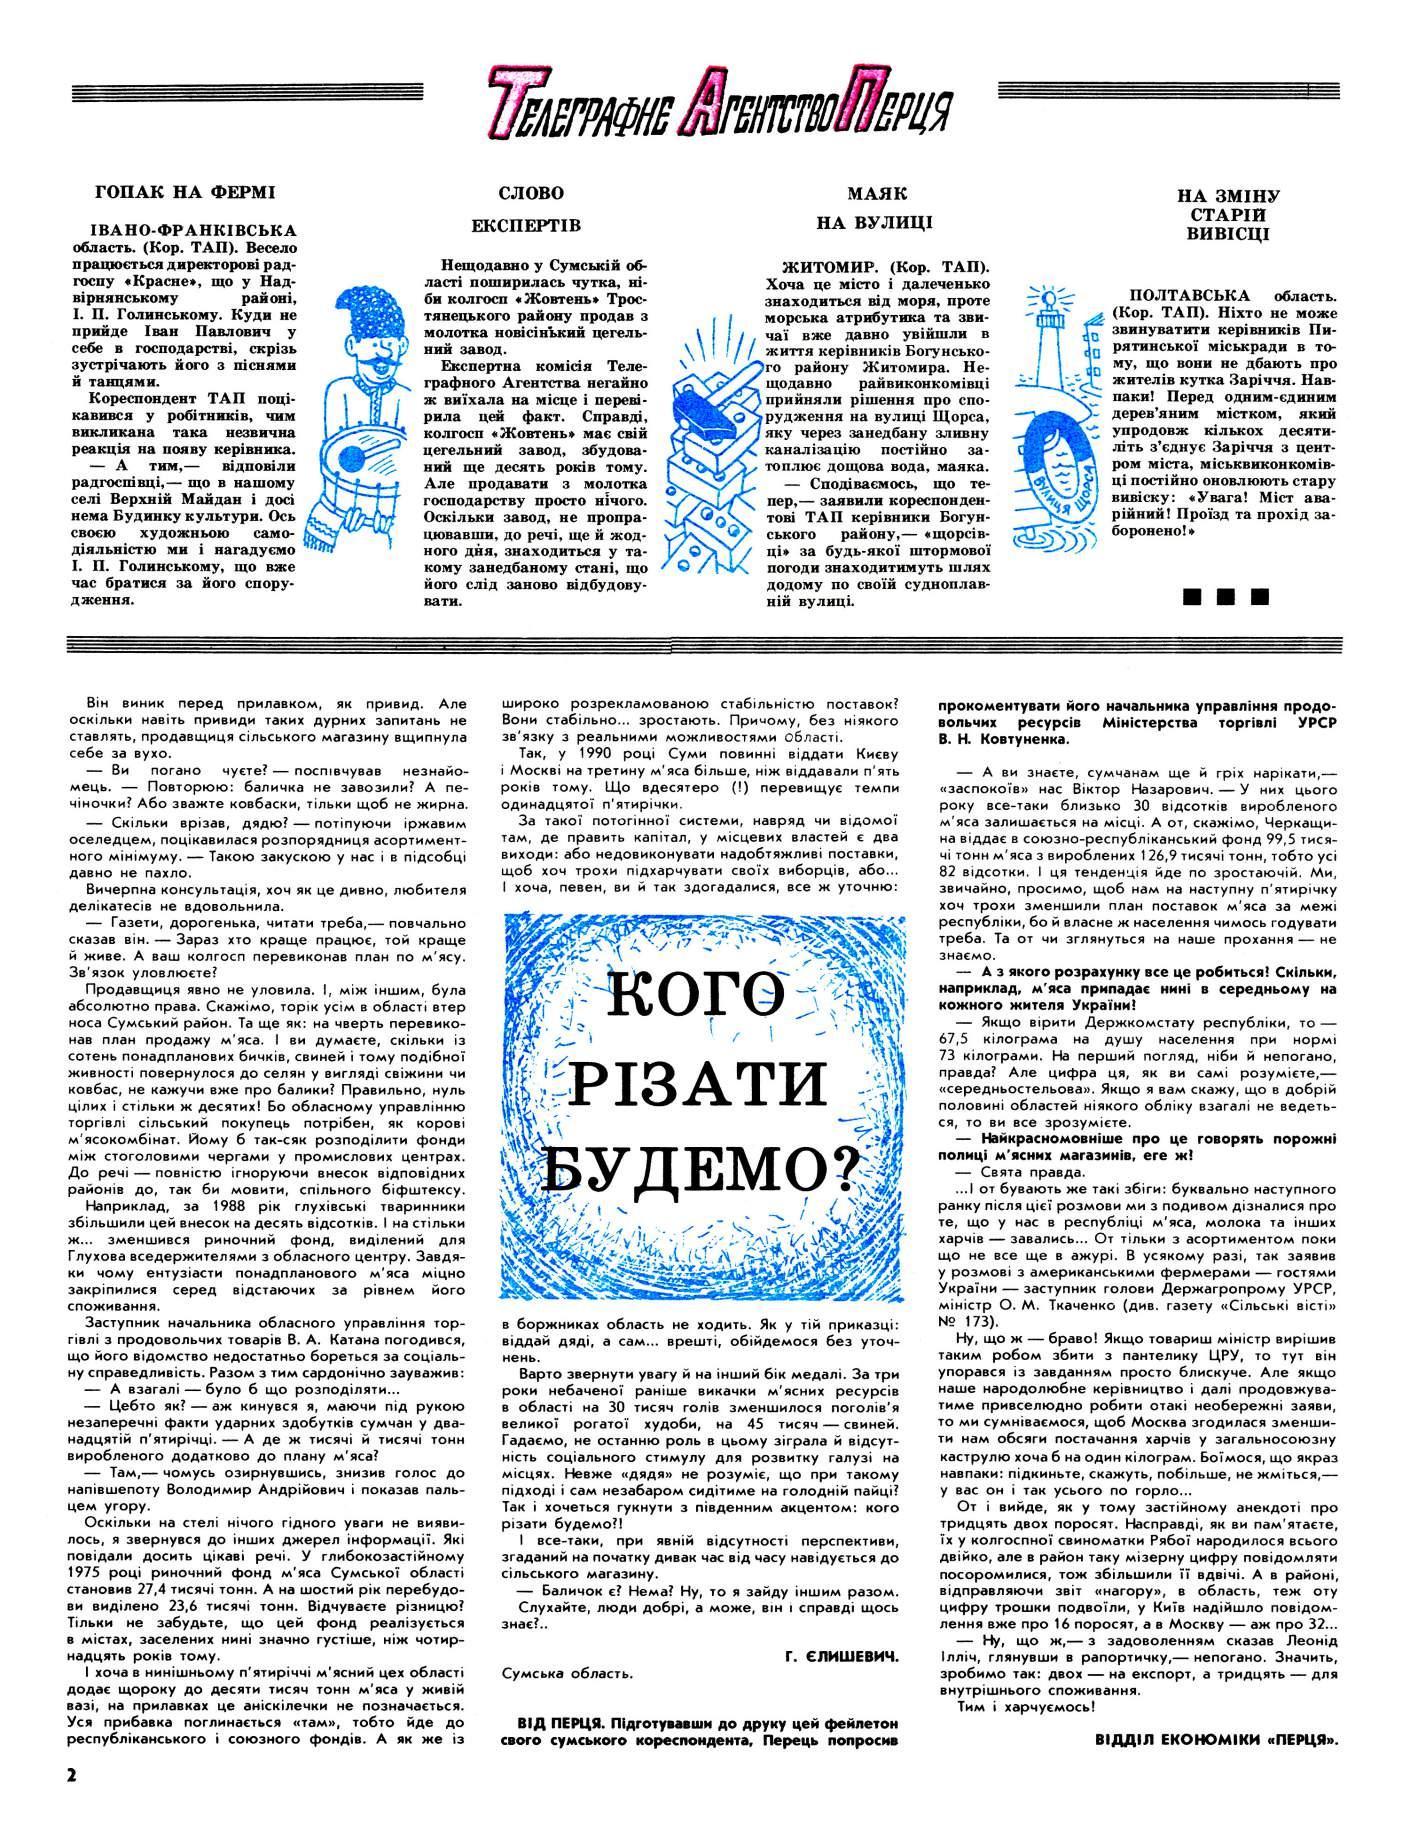 Журнал перець 1989 №18